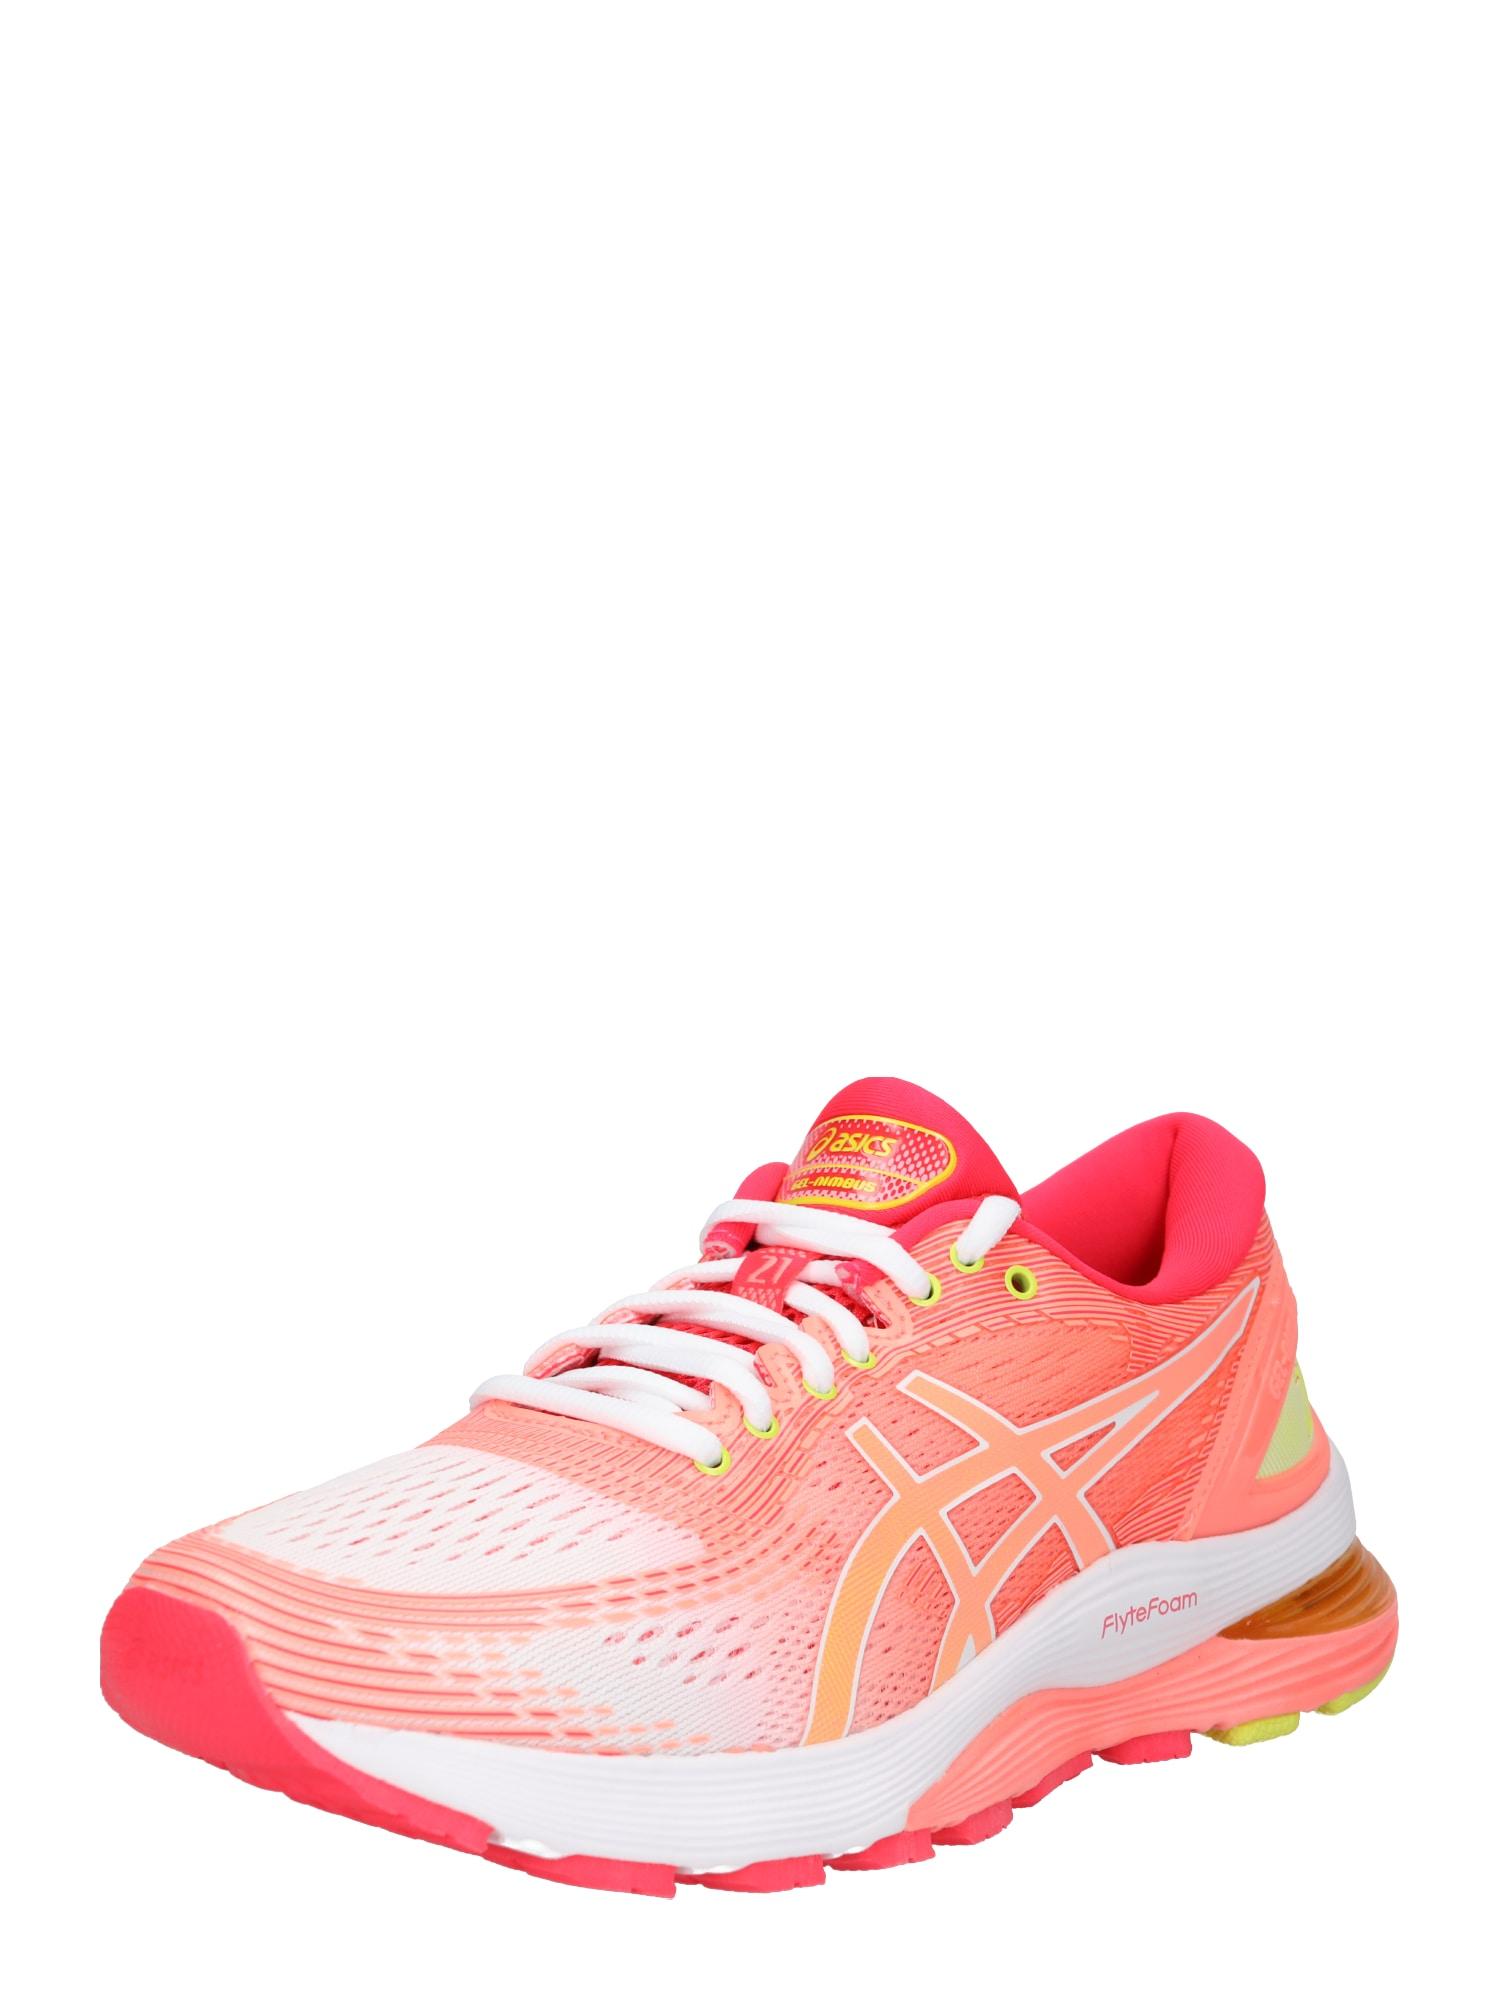 Sportovní boty Gel-Nimbus 21 žlutá oranžová pink bílá ASICS